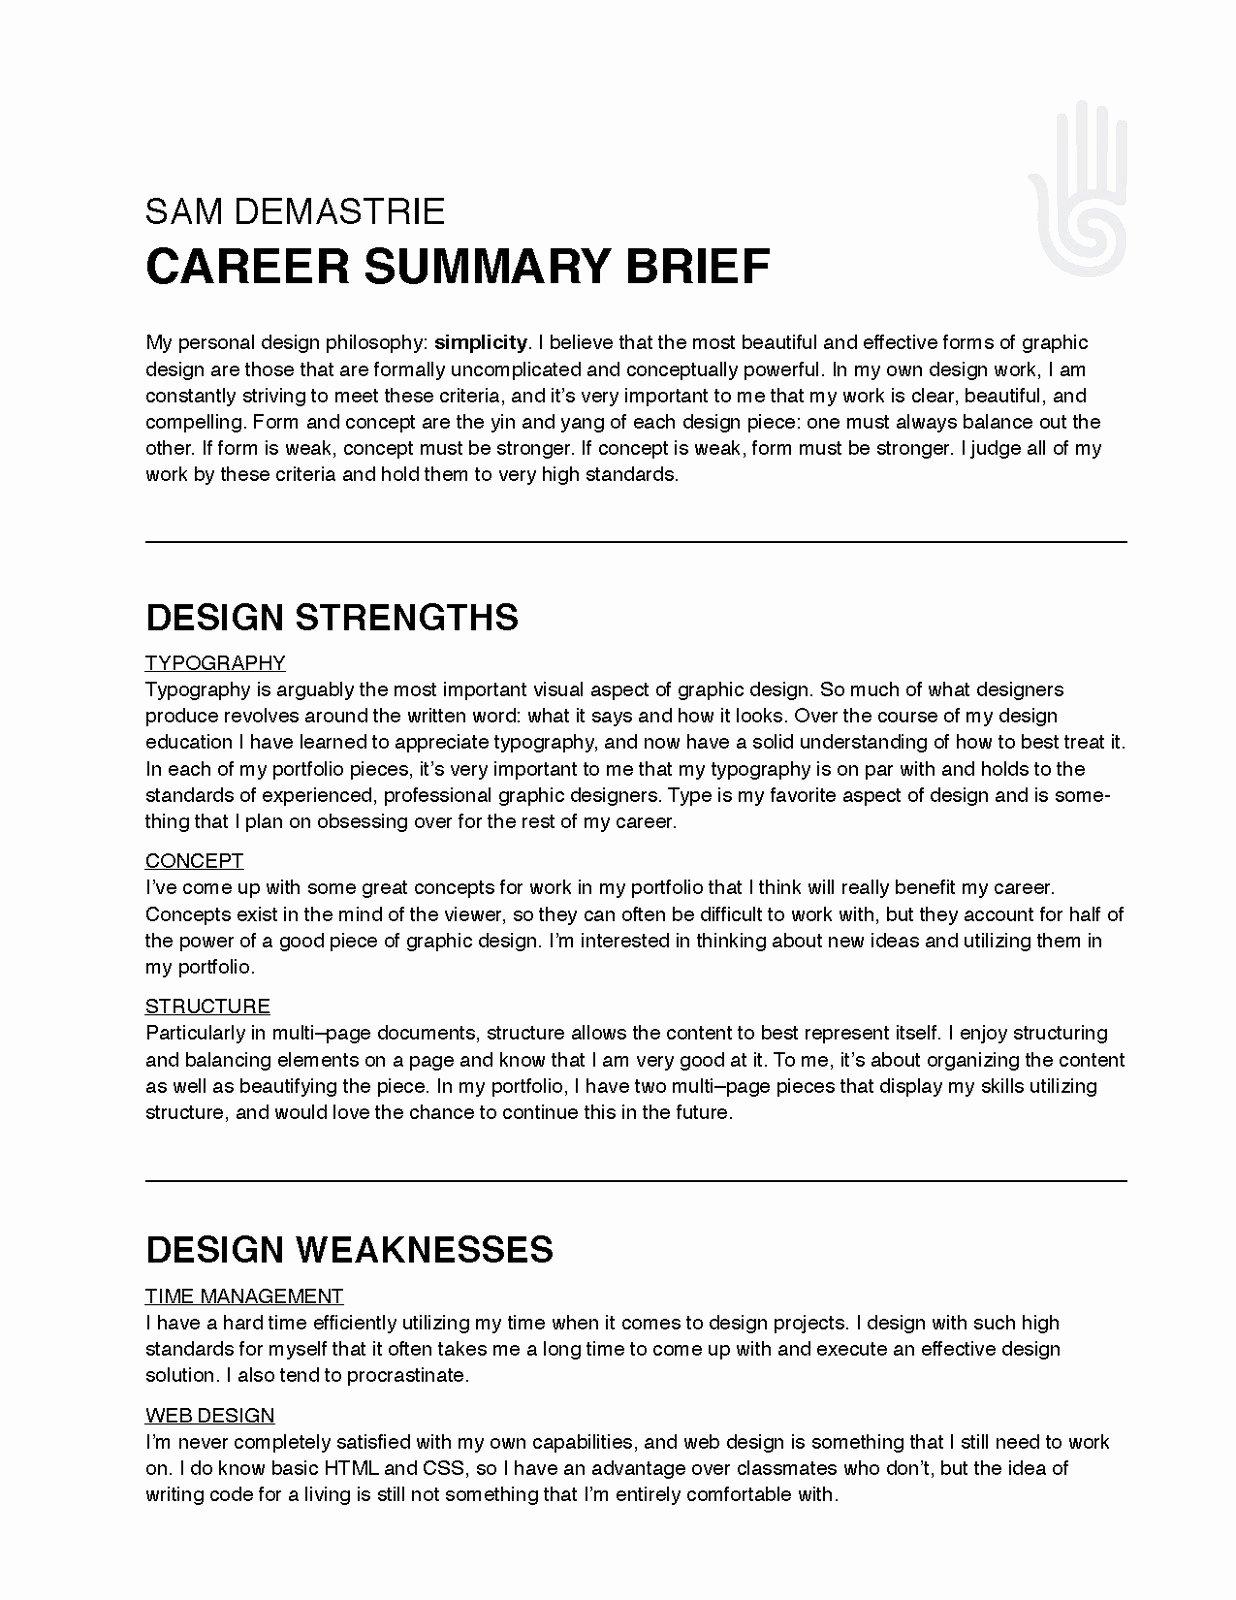 Sample Resume Summaries Talktomartyb